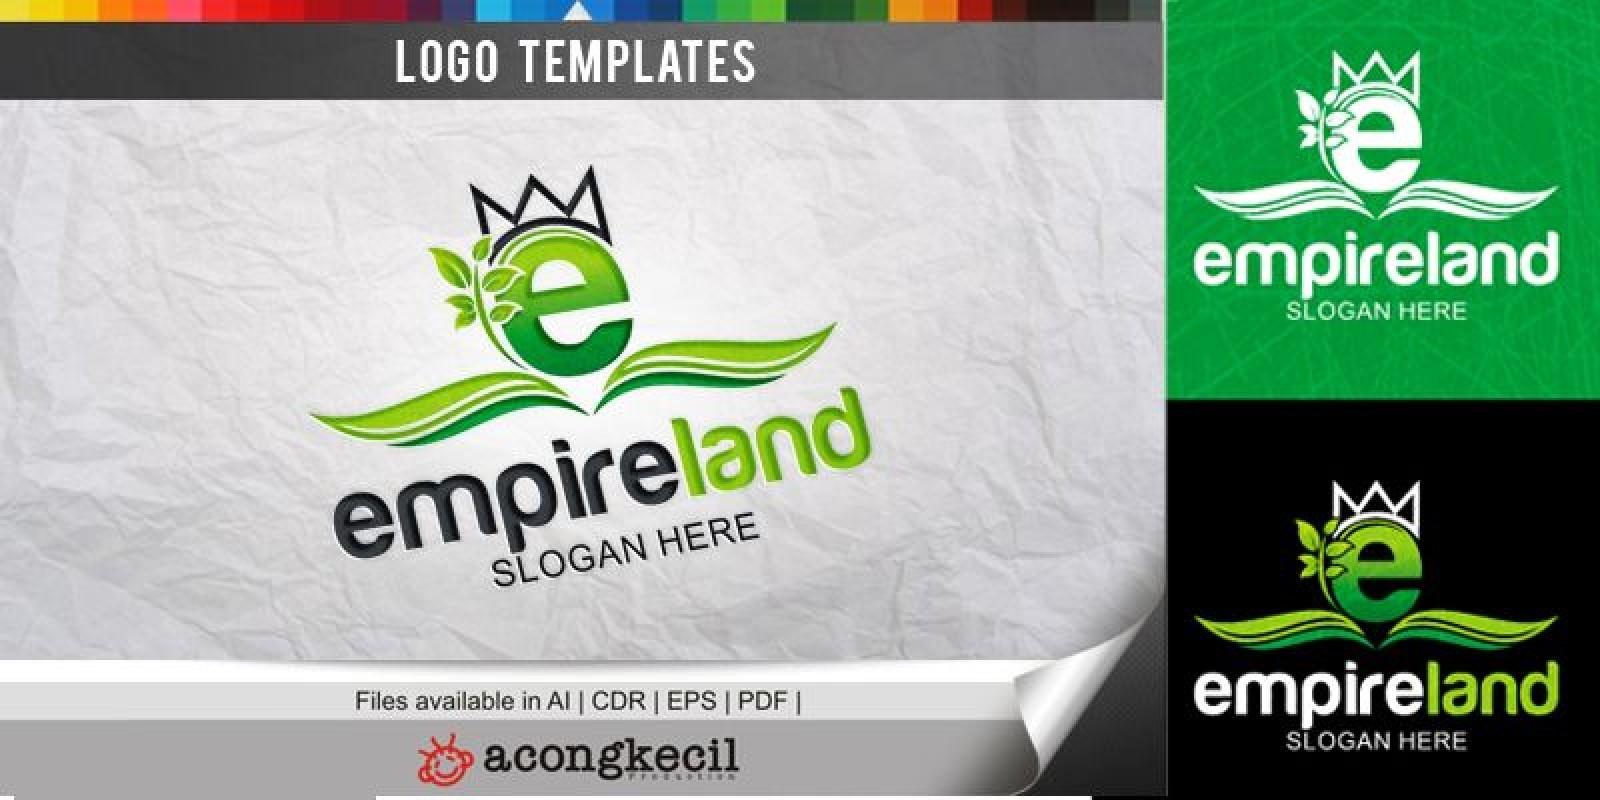 Empire land - Logo Template